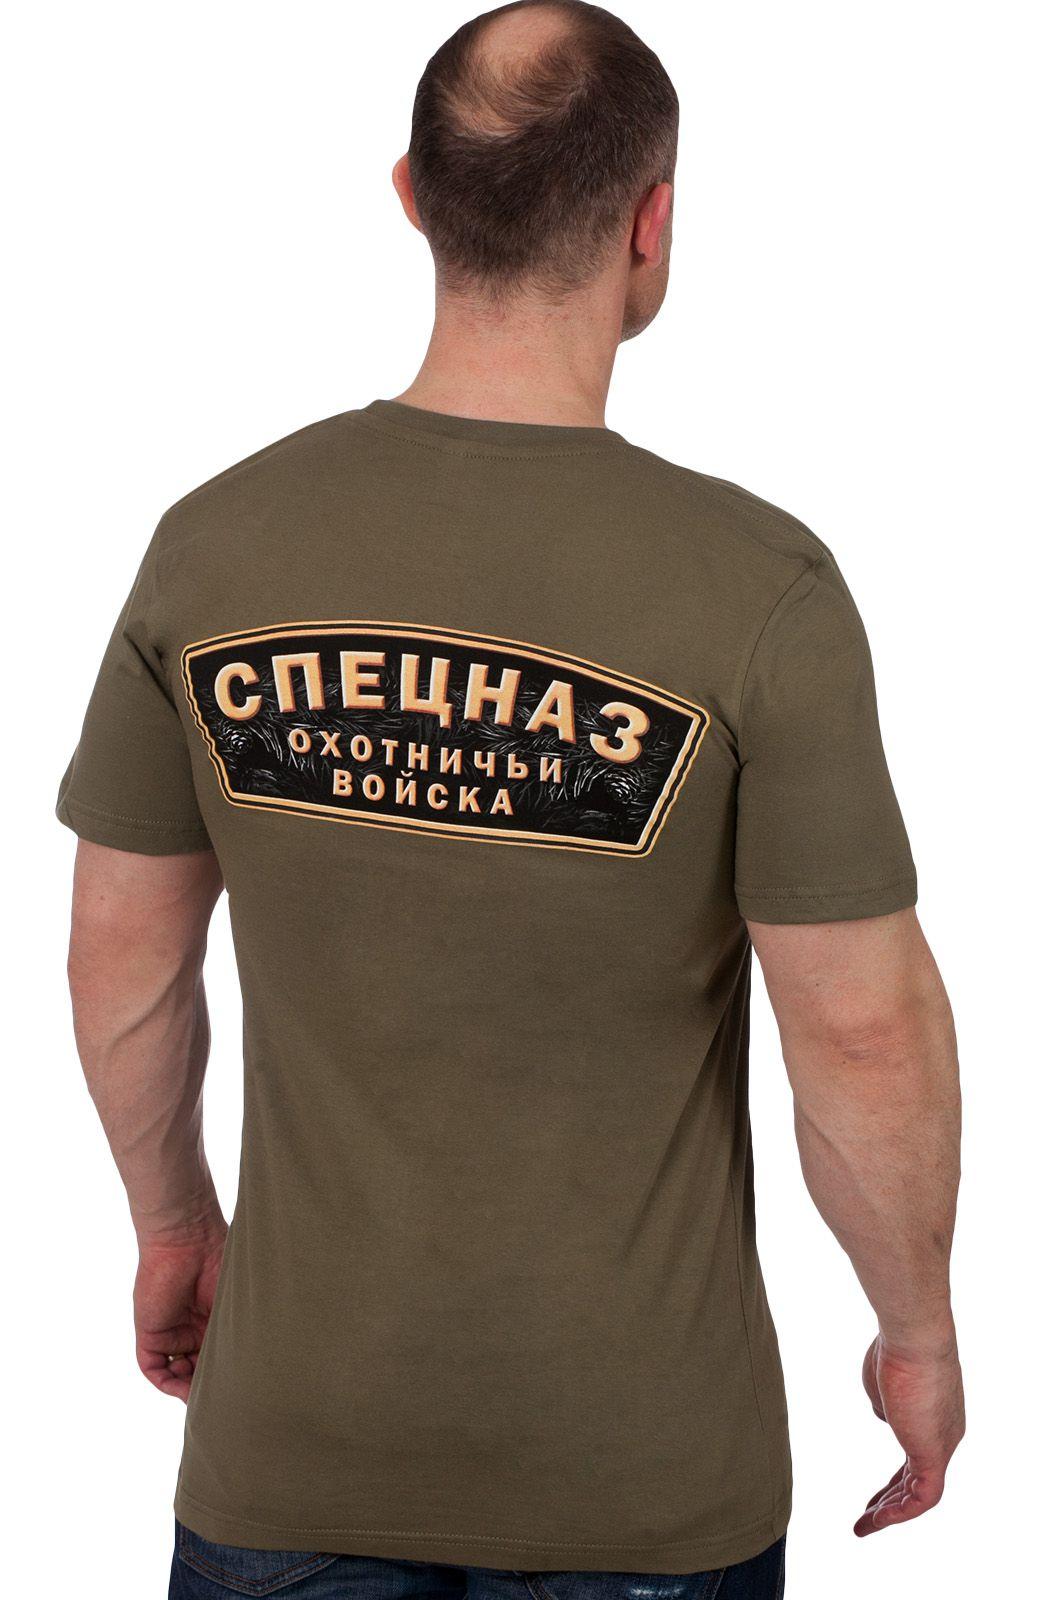 Купить футболку лучшему рыбаку